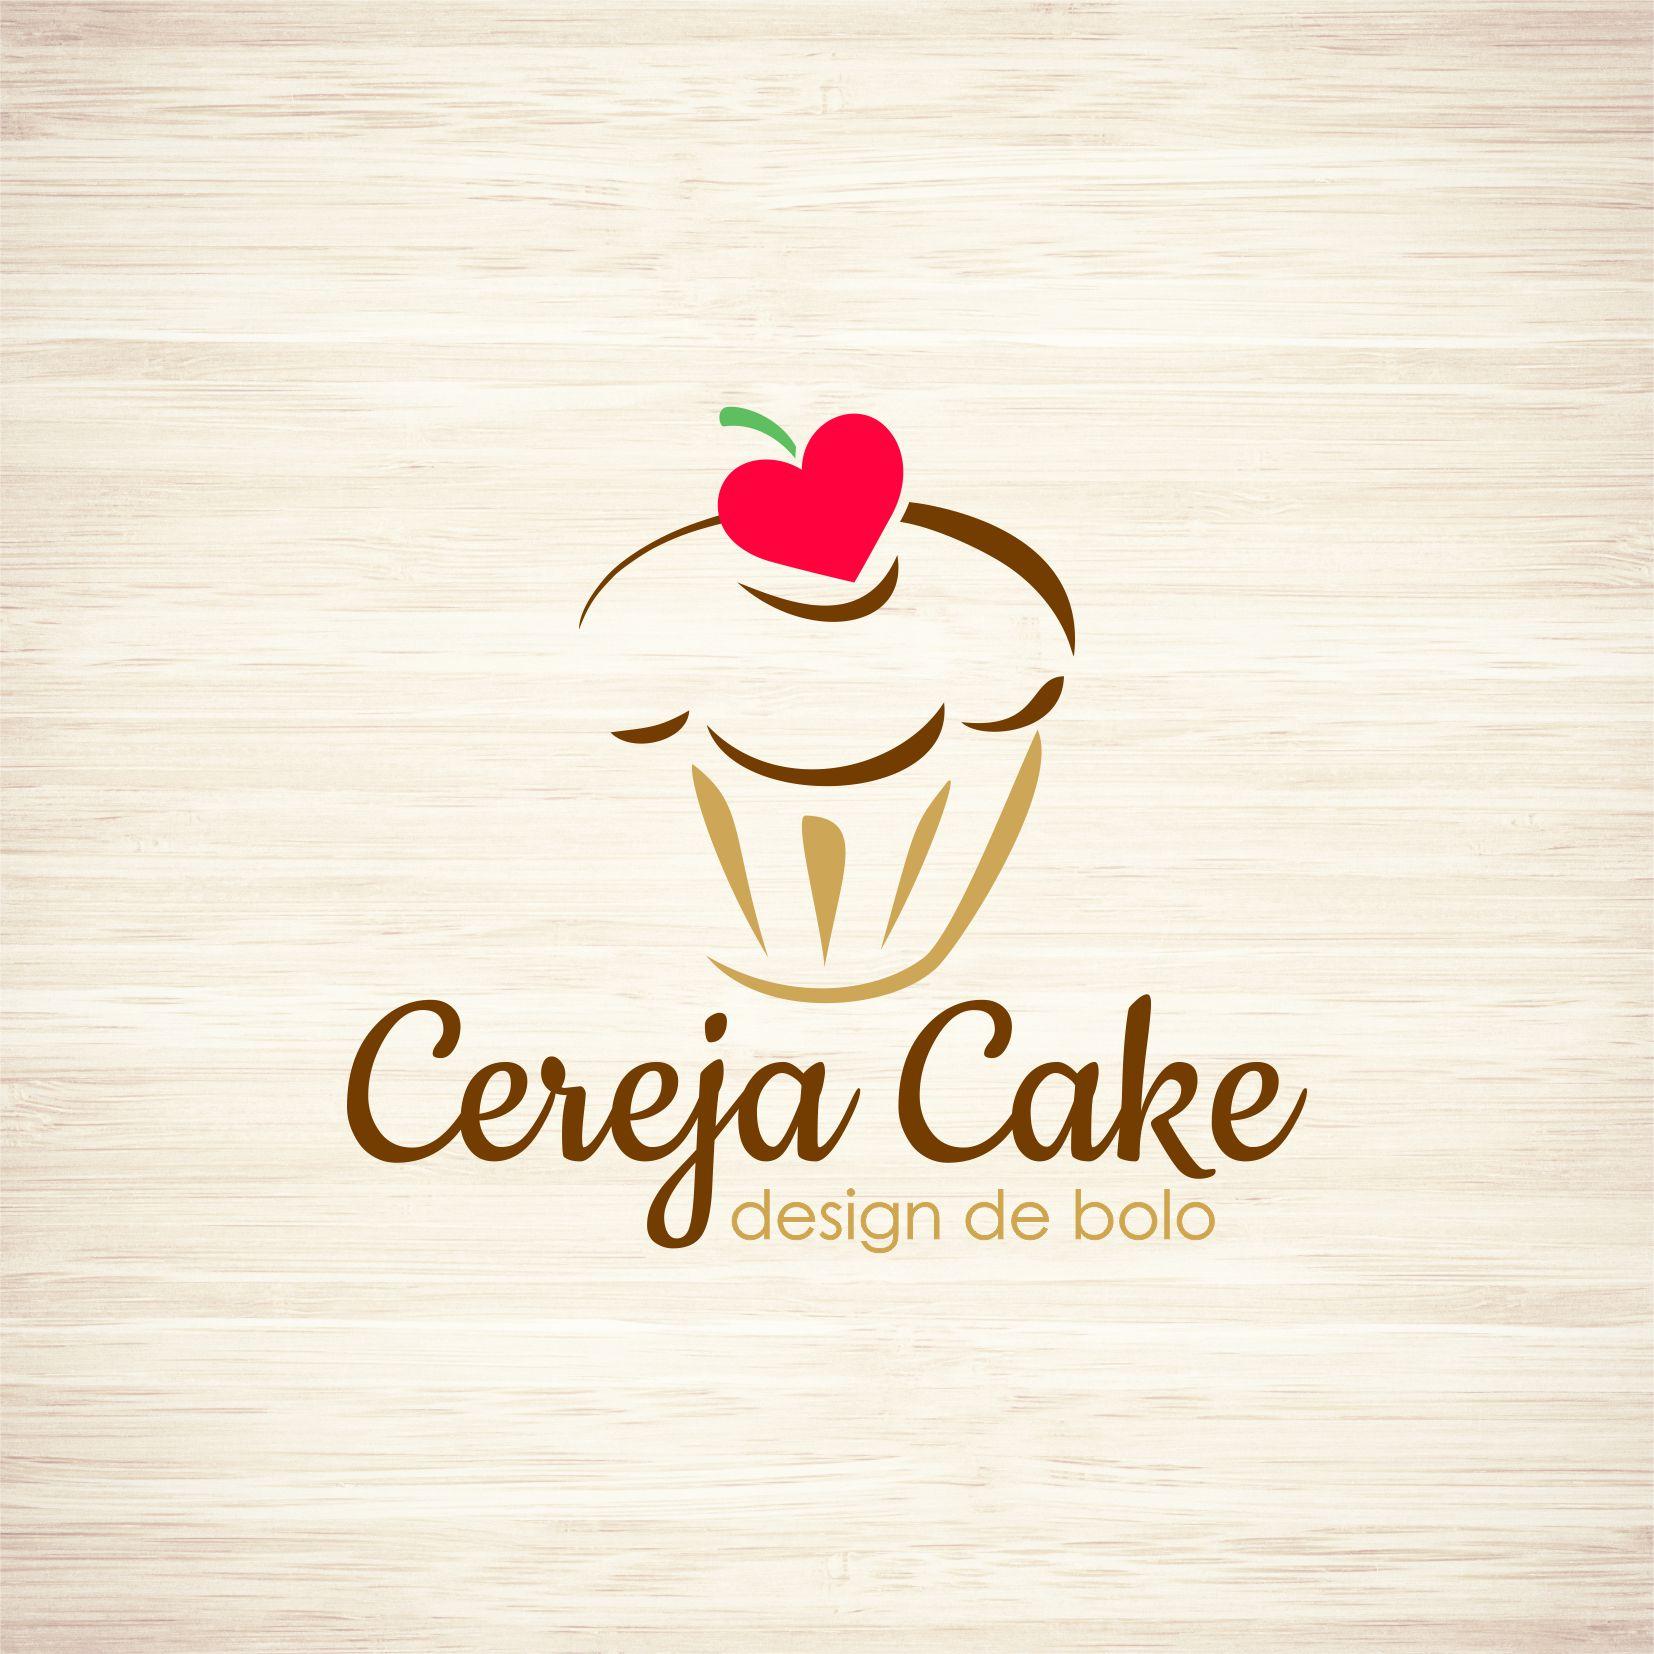 Cereja Cake